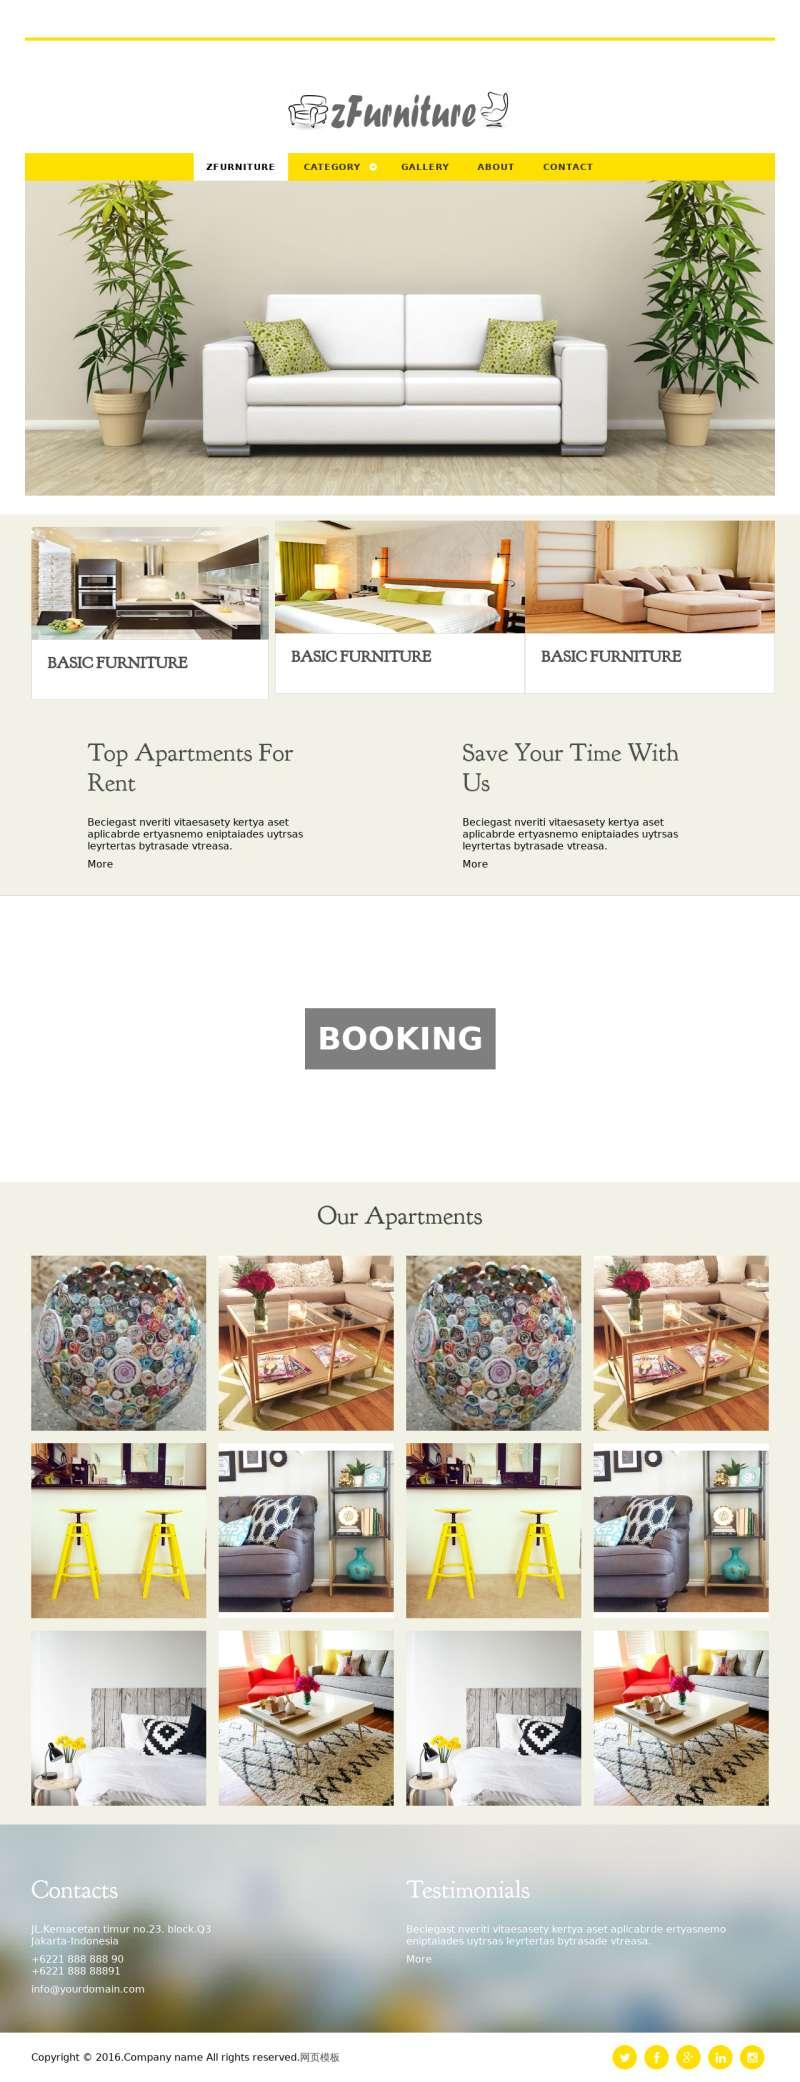 黄色的国外房屋装饰公司网站静态模板